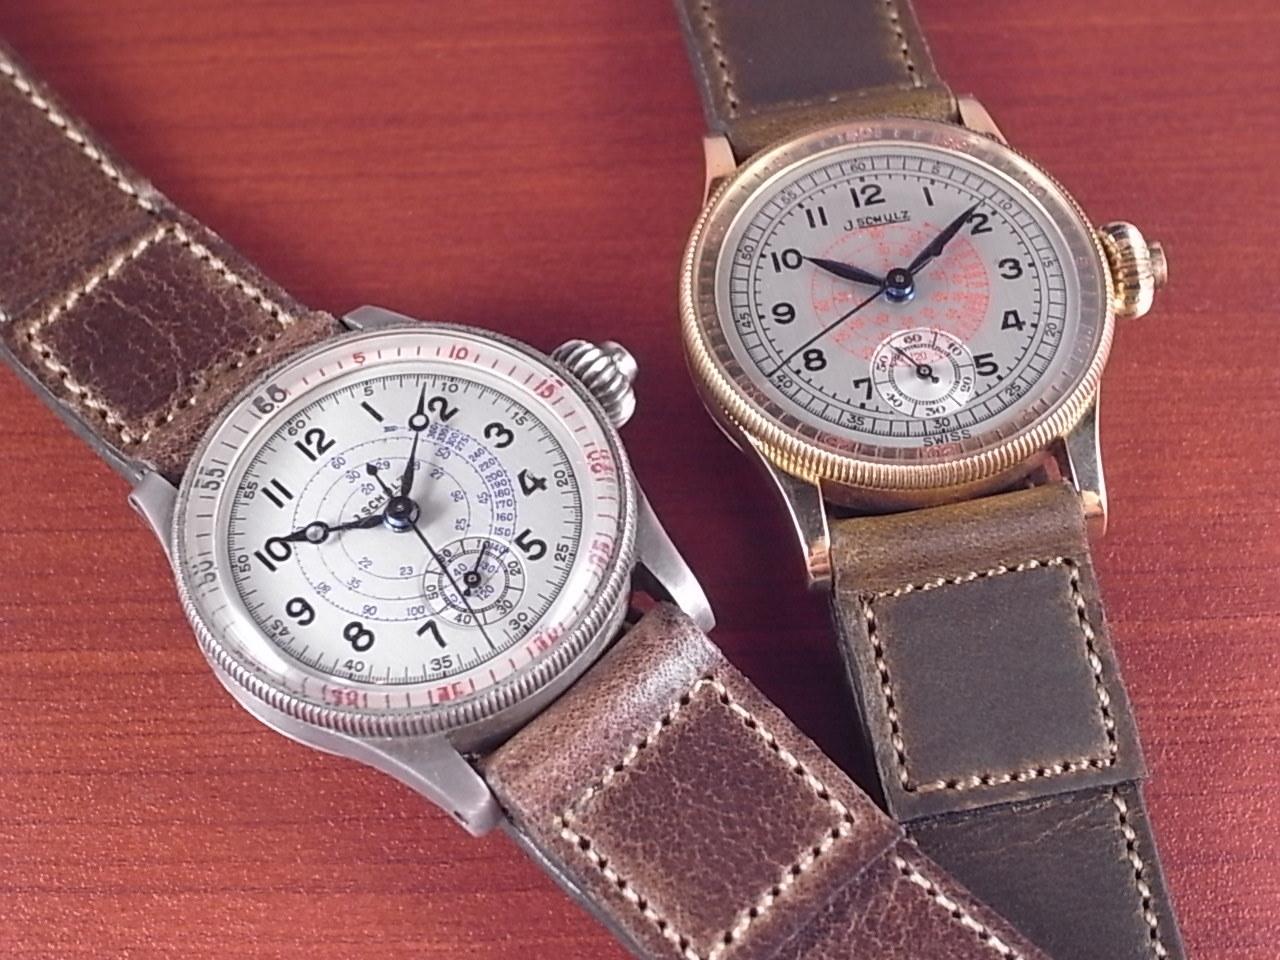 時計の保護にも役立つ革ベルト_d0289814_12171085.jpg